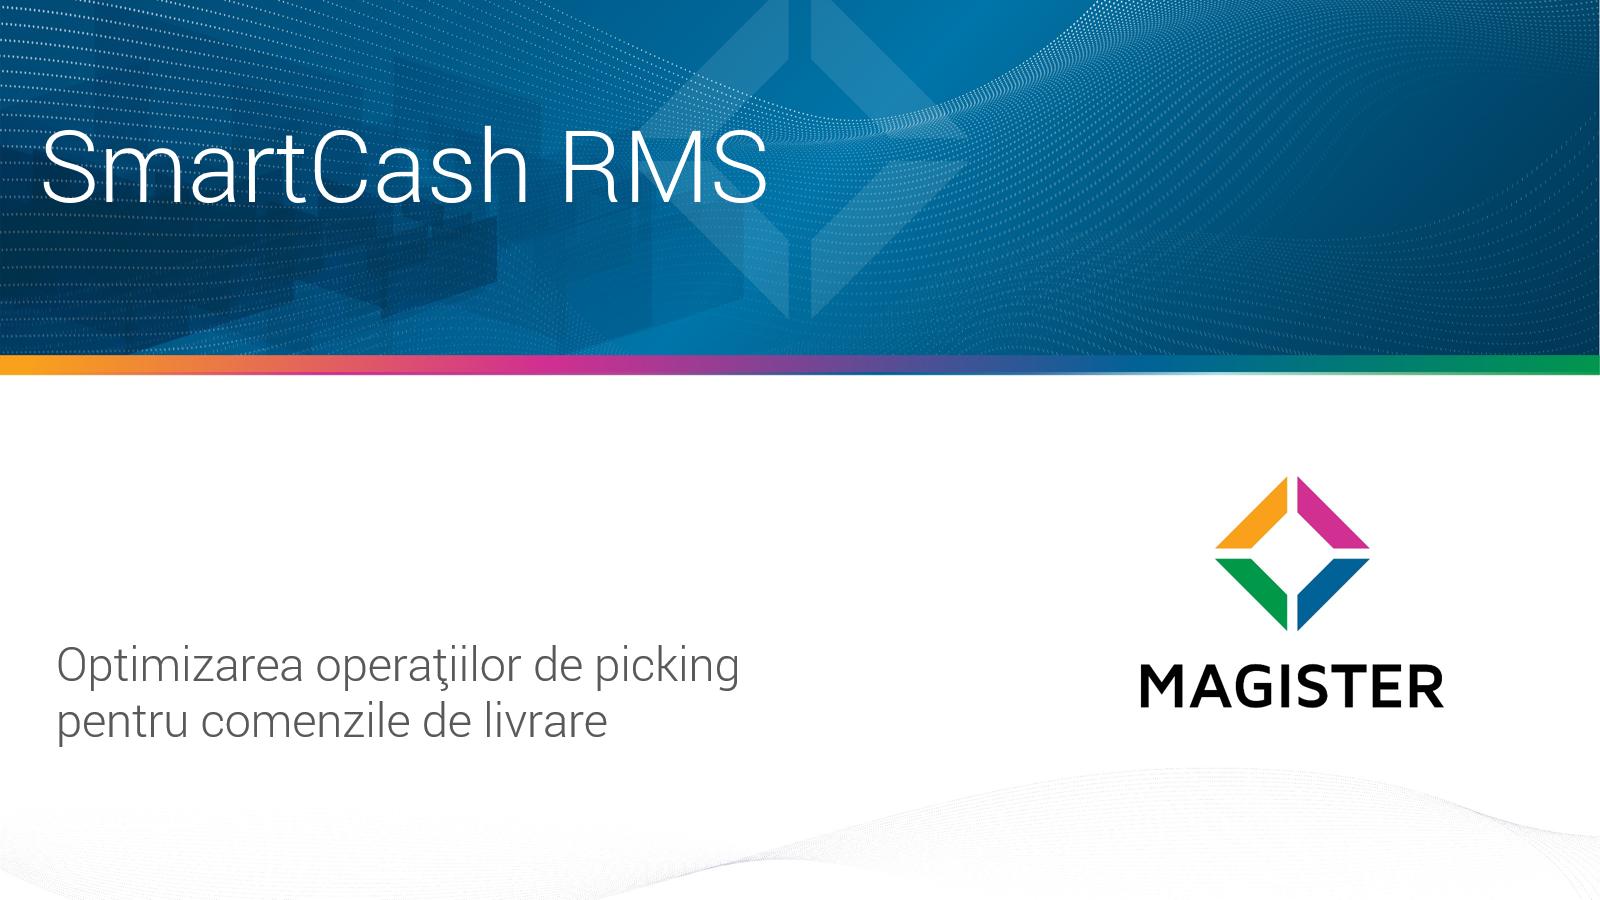 Optimizarea operatiilor de picking pentru Comenzile de Livrare in SmartCash RMS 2021